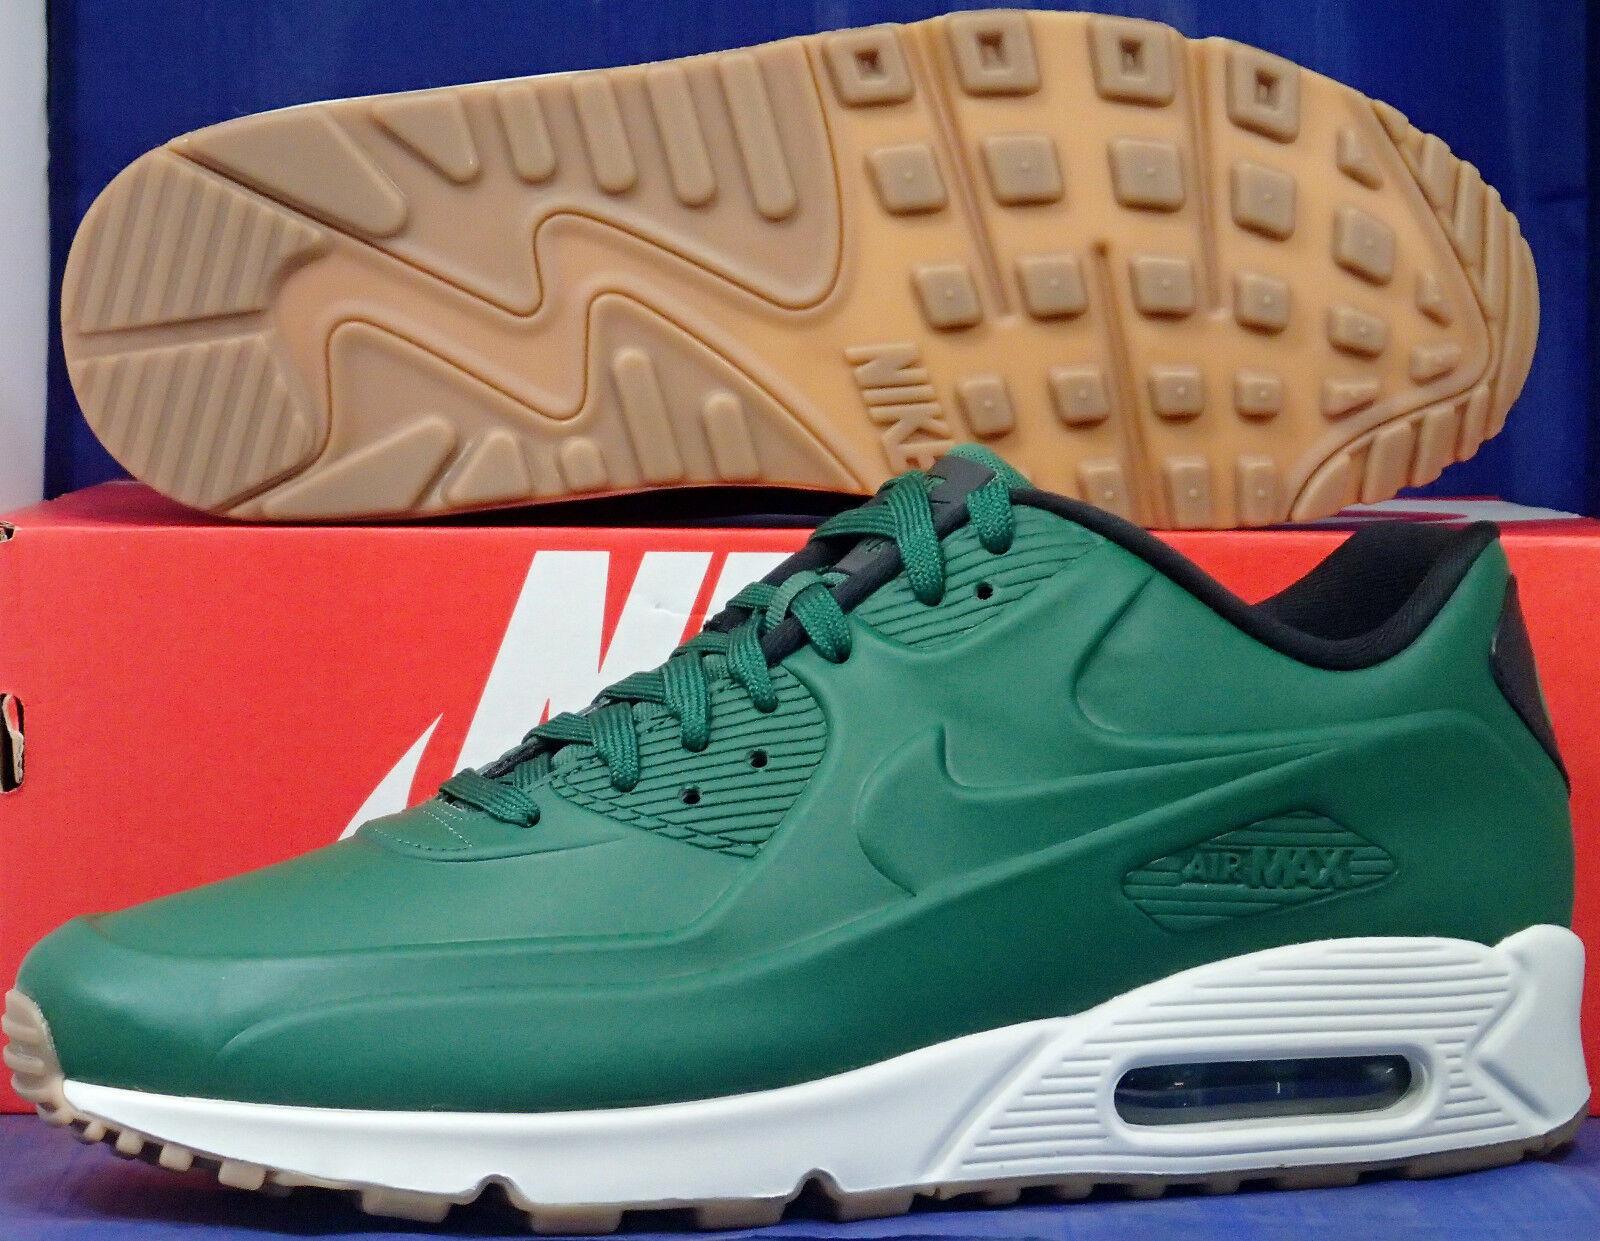 Nike air max 90 vt qs gorge luce verde osso gomma sz 9 (831114 300) | Pacchetti Alla Moda E Attraente  | Uomini/Donne Scarpa